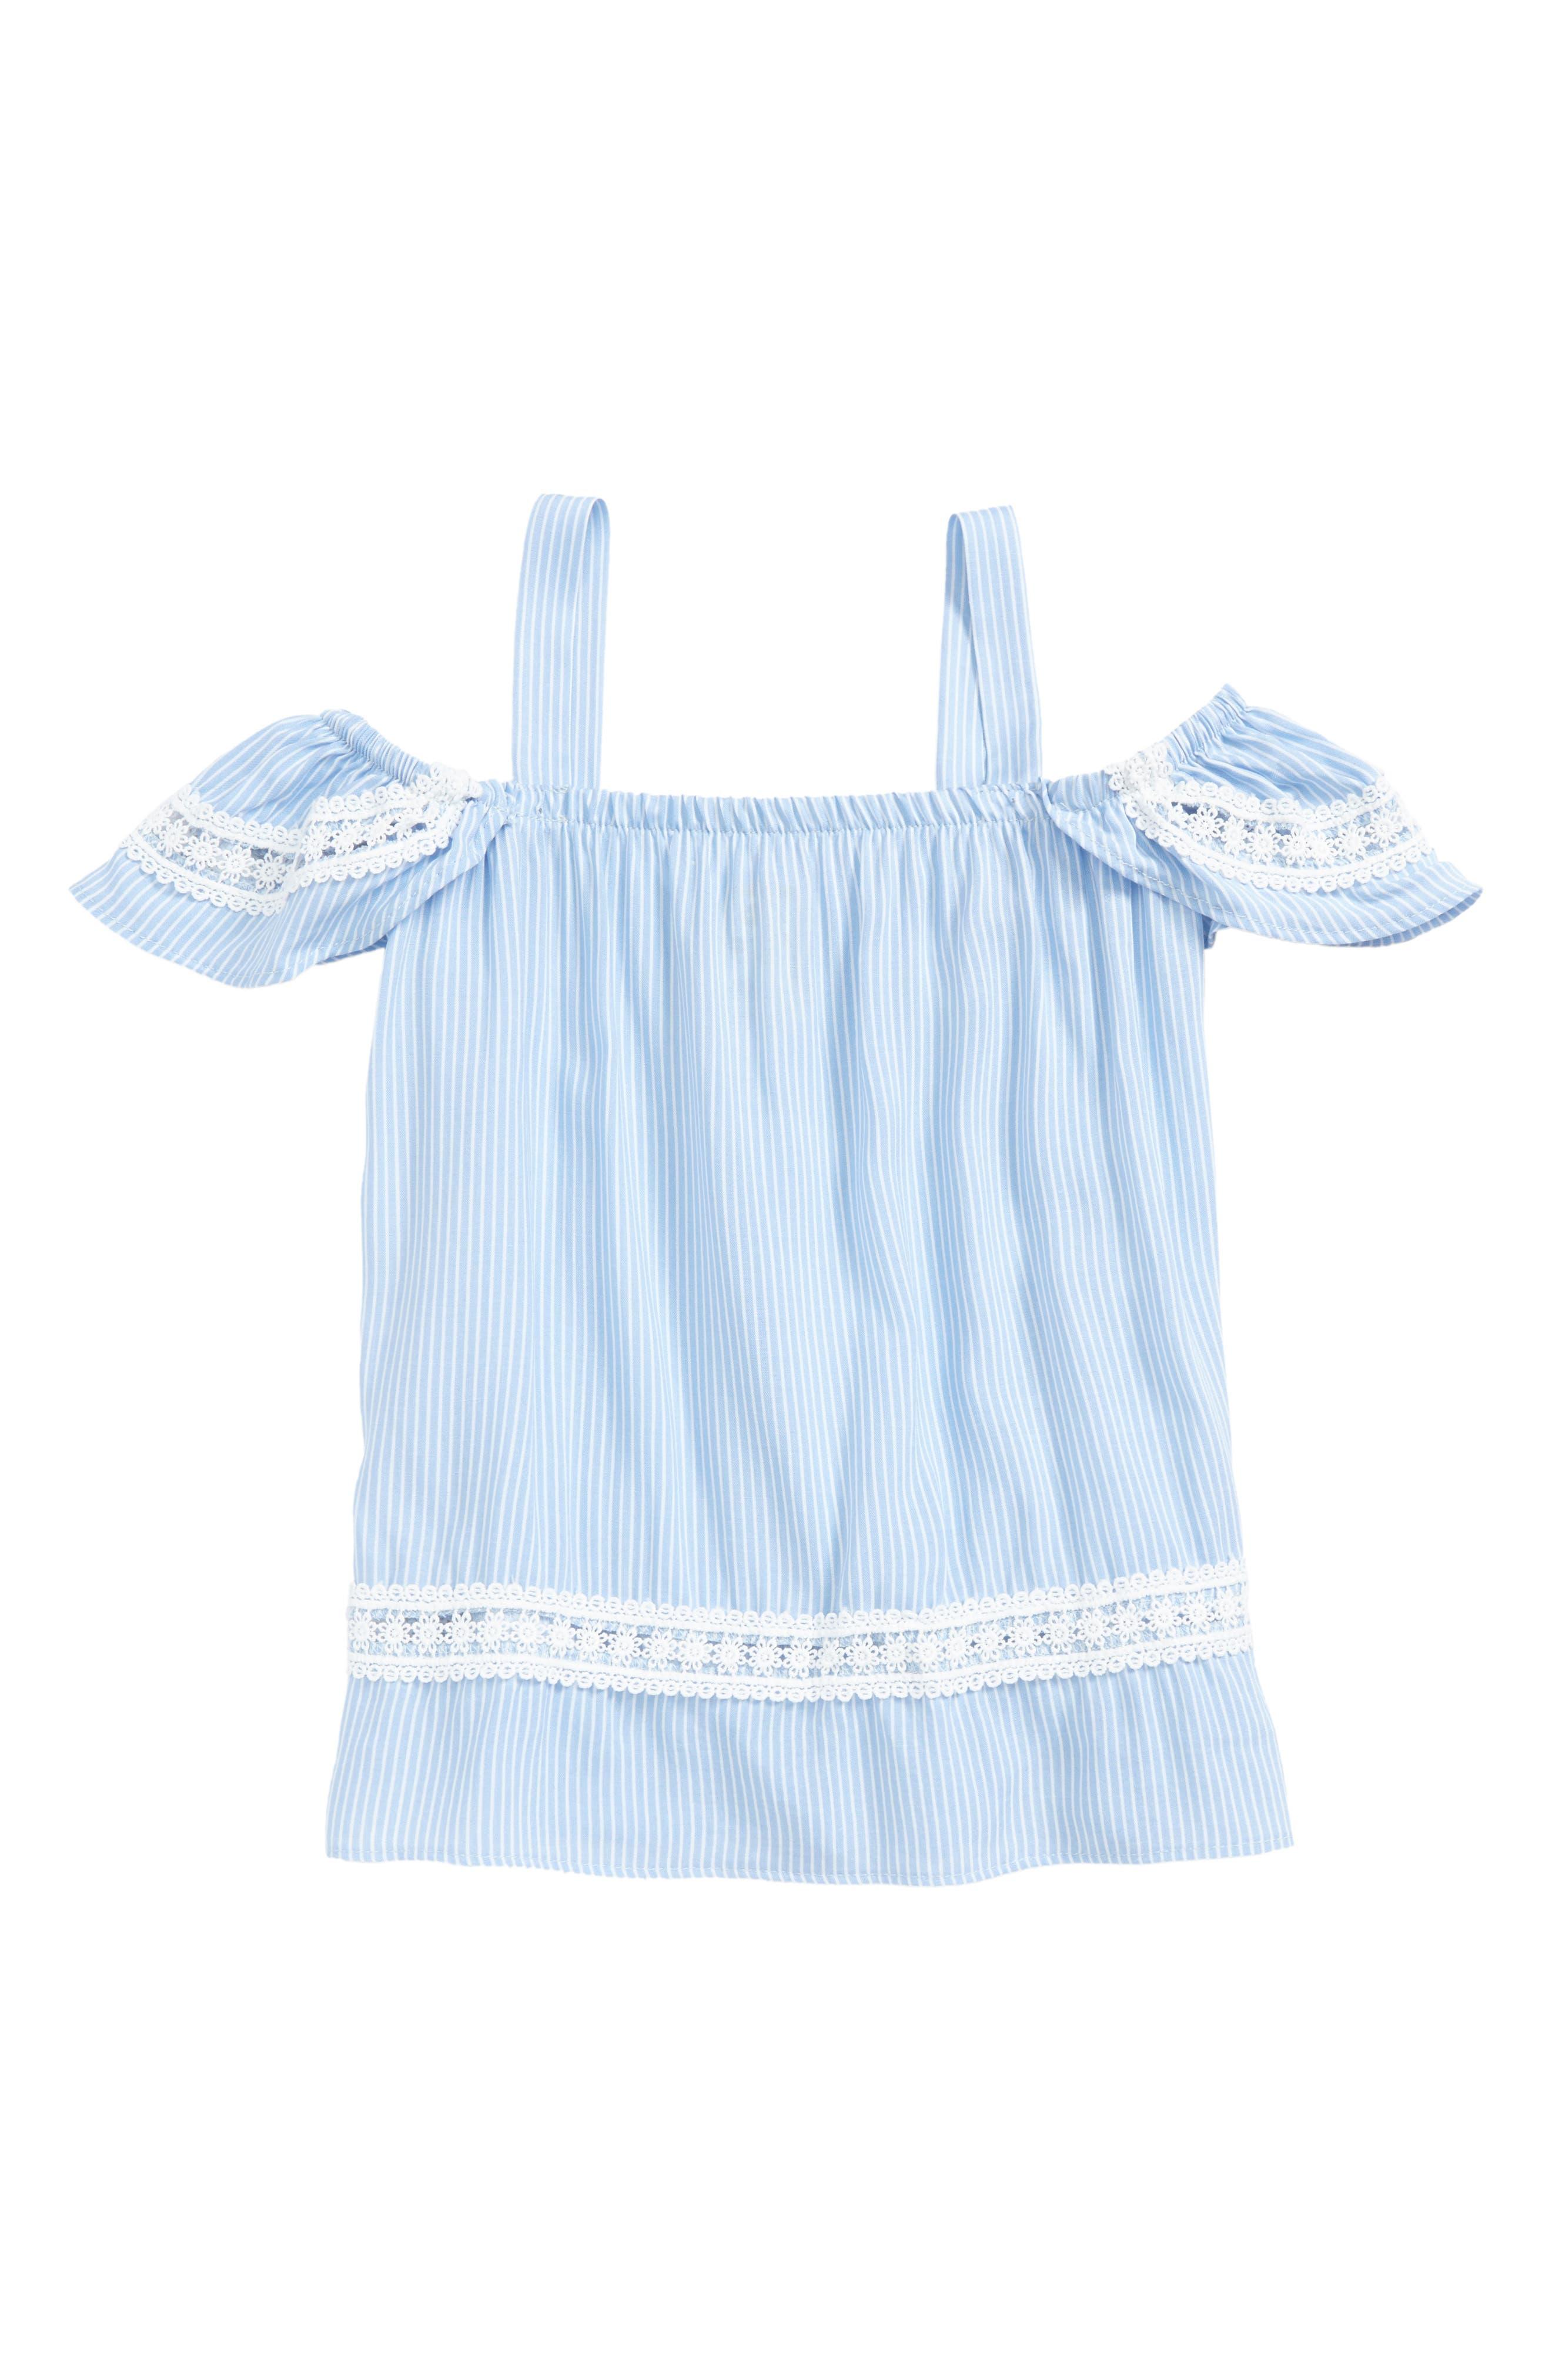 Stripe Off the Shoulder Top,                         Main,                         color, Blue Ivory